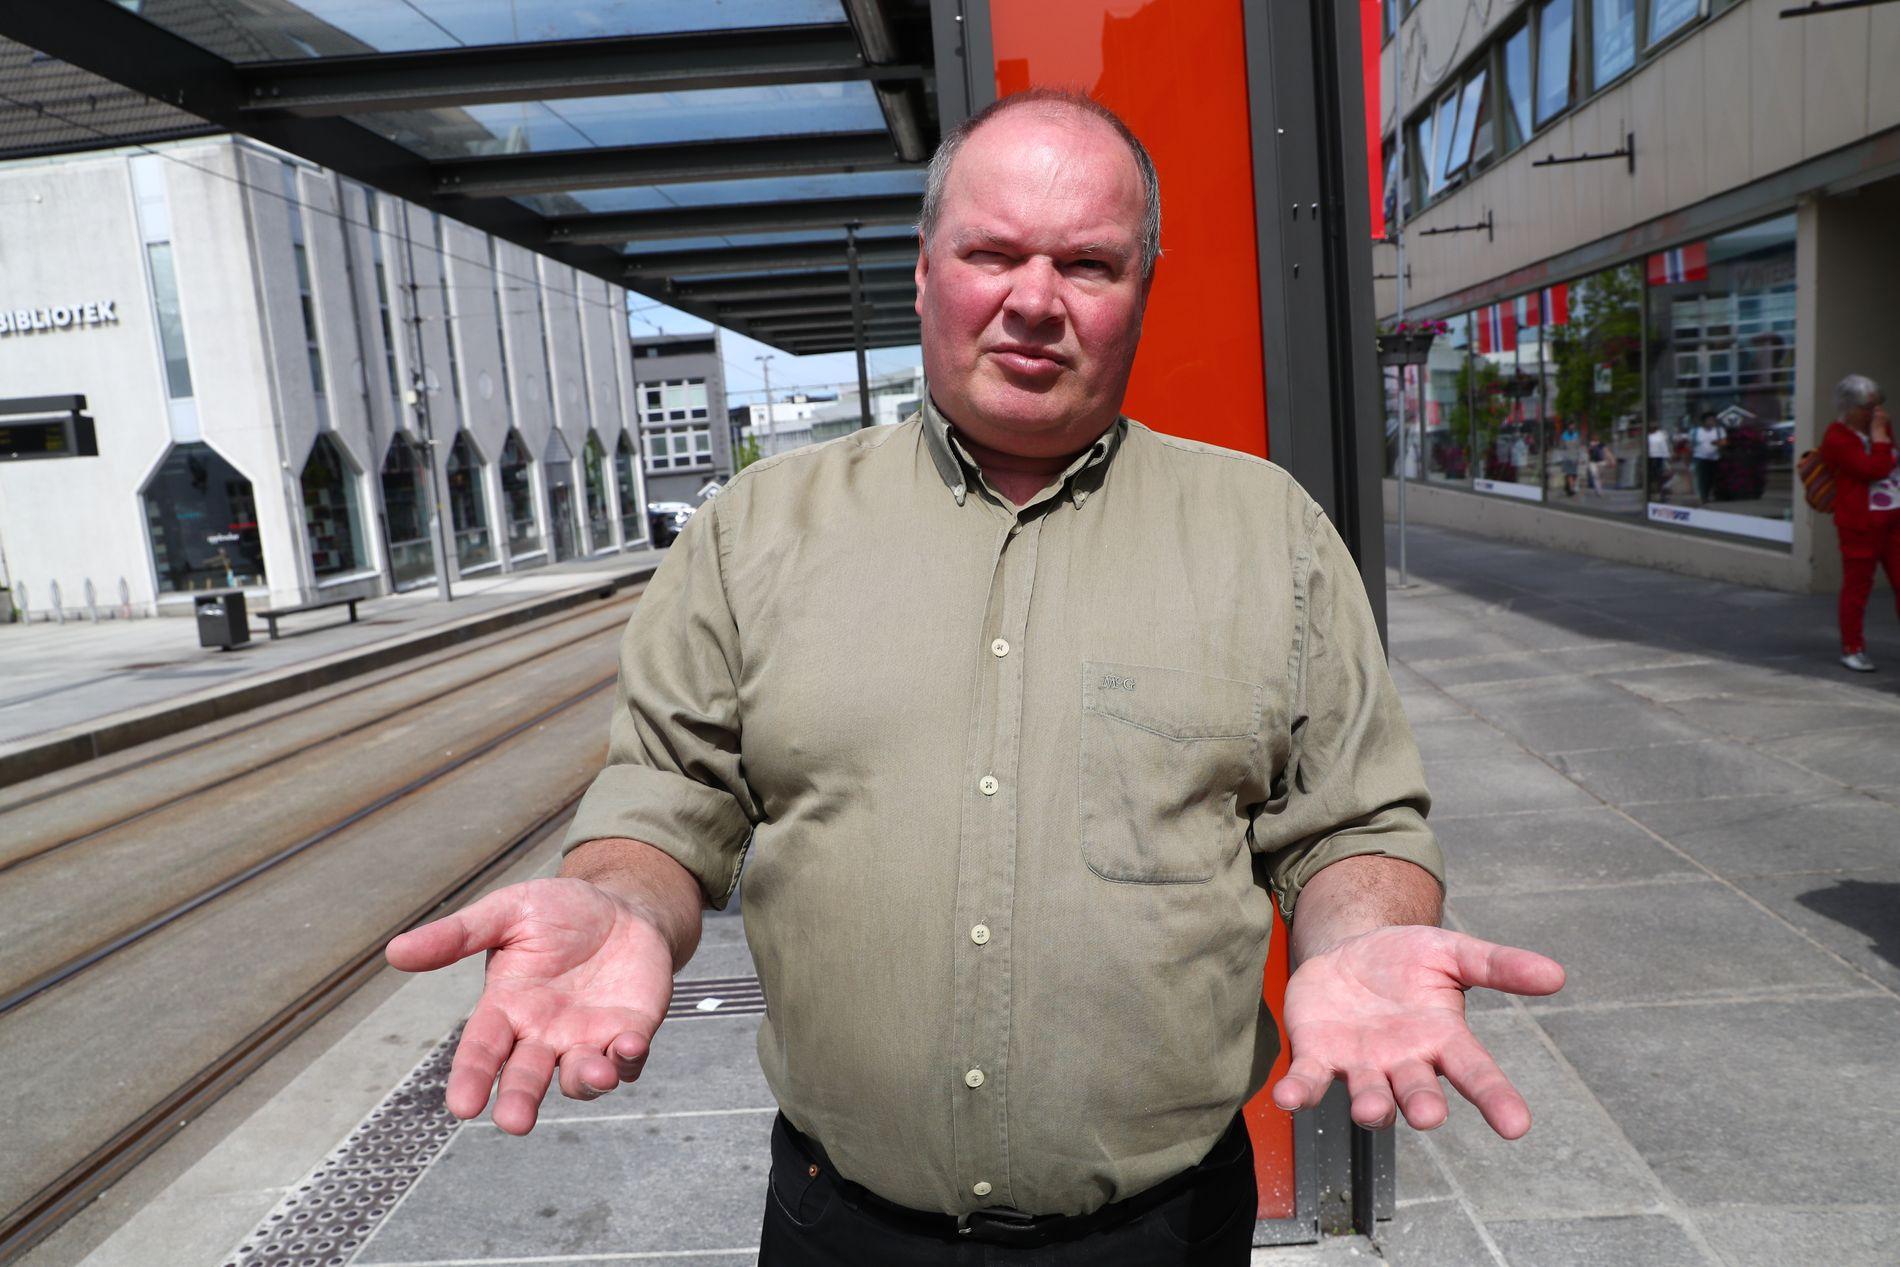 IKKE RÅD: Trym Aafløy foran bybanestoppet på Nesttun. Han sier Bergen ikke har råd til å bygge ut banen nå.